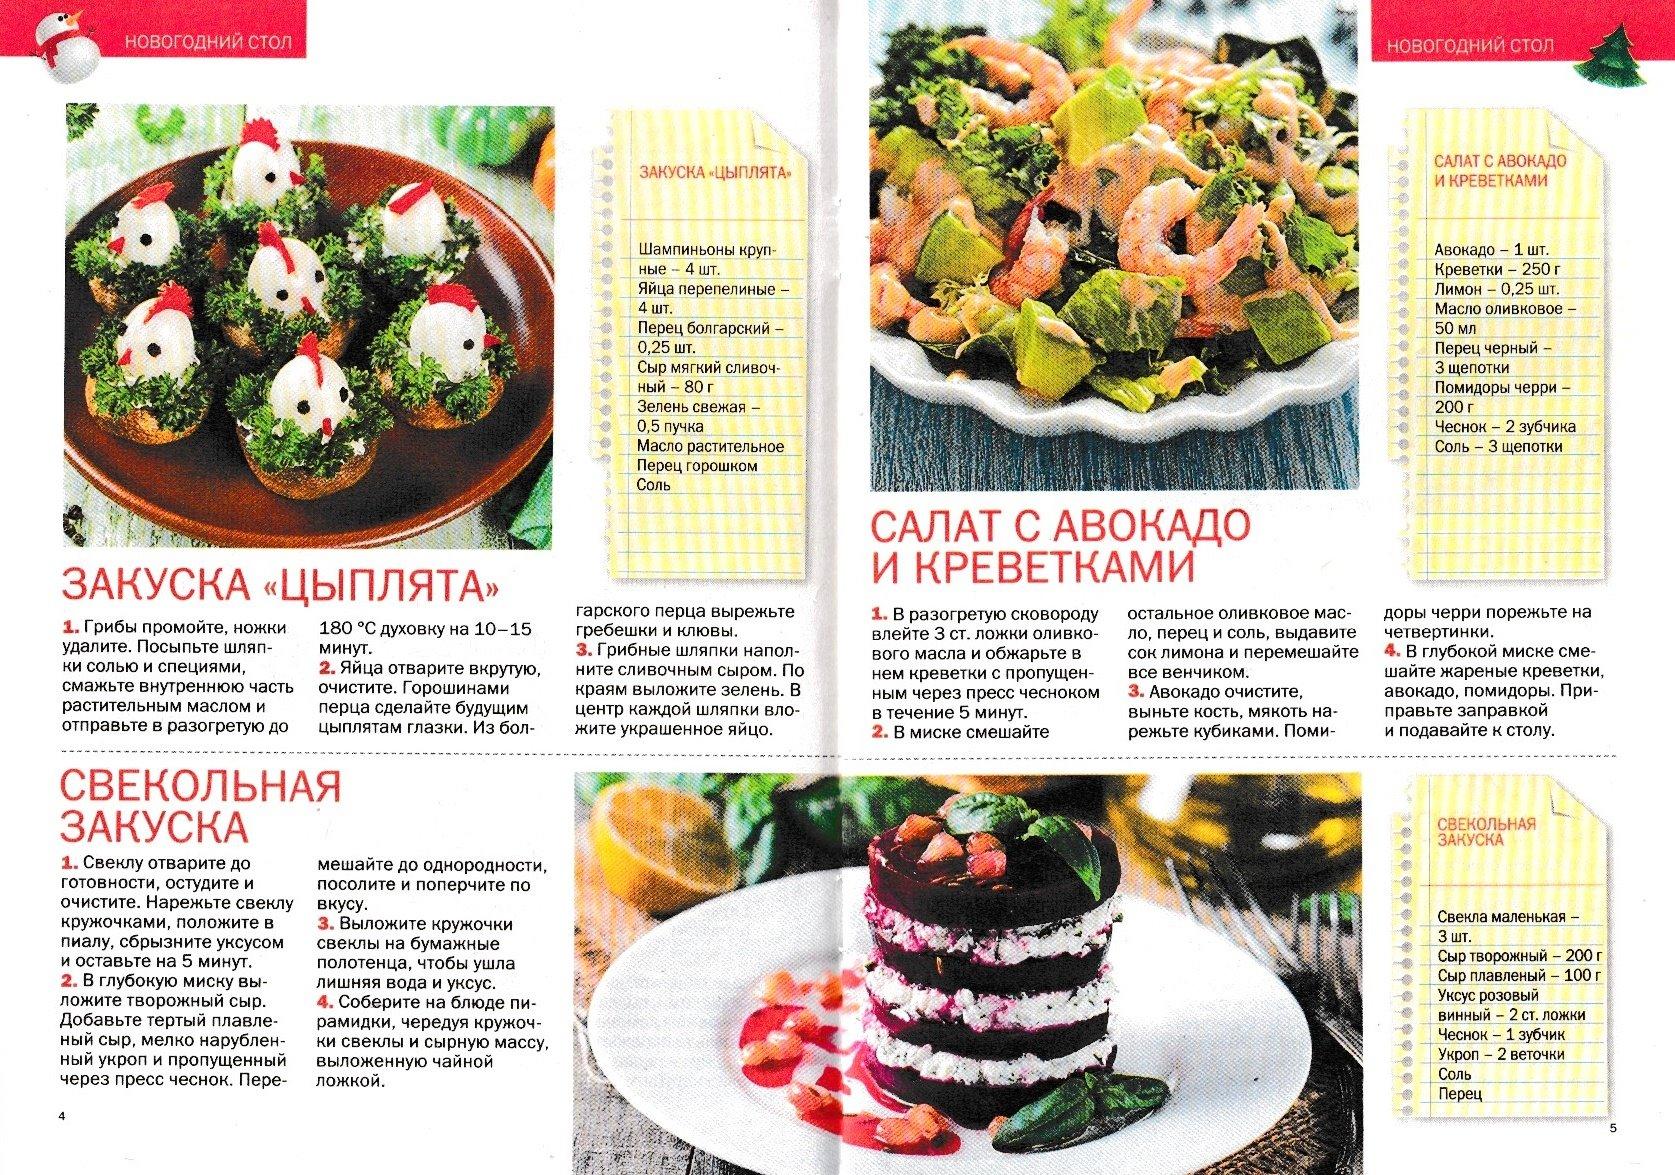 Рецепты салатов и закусок 2017